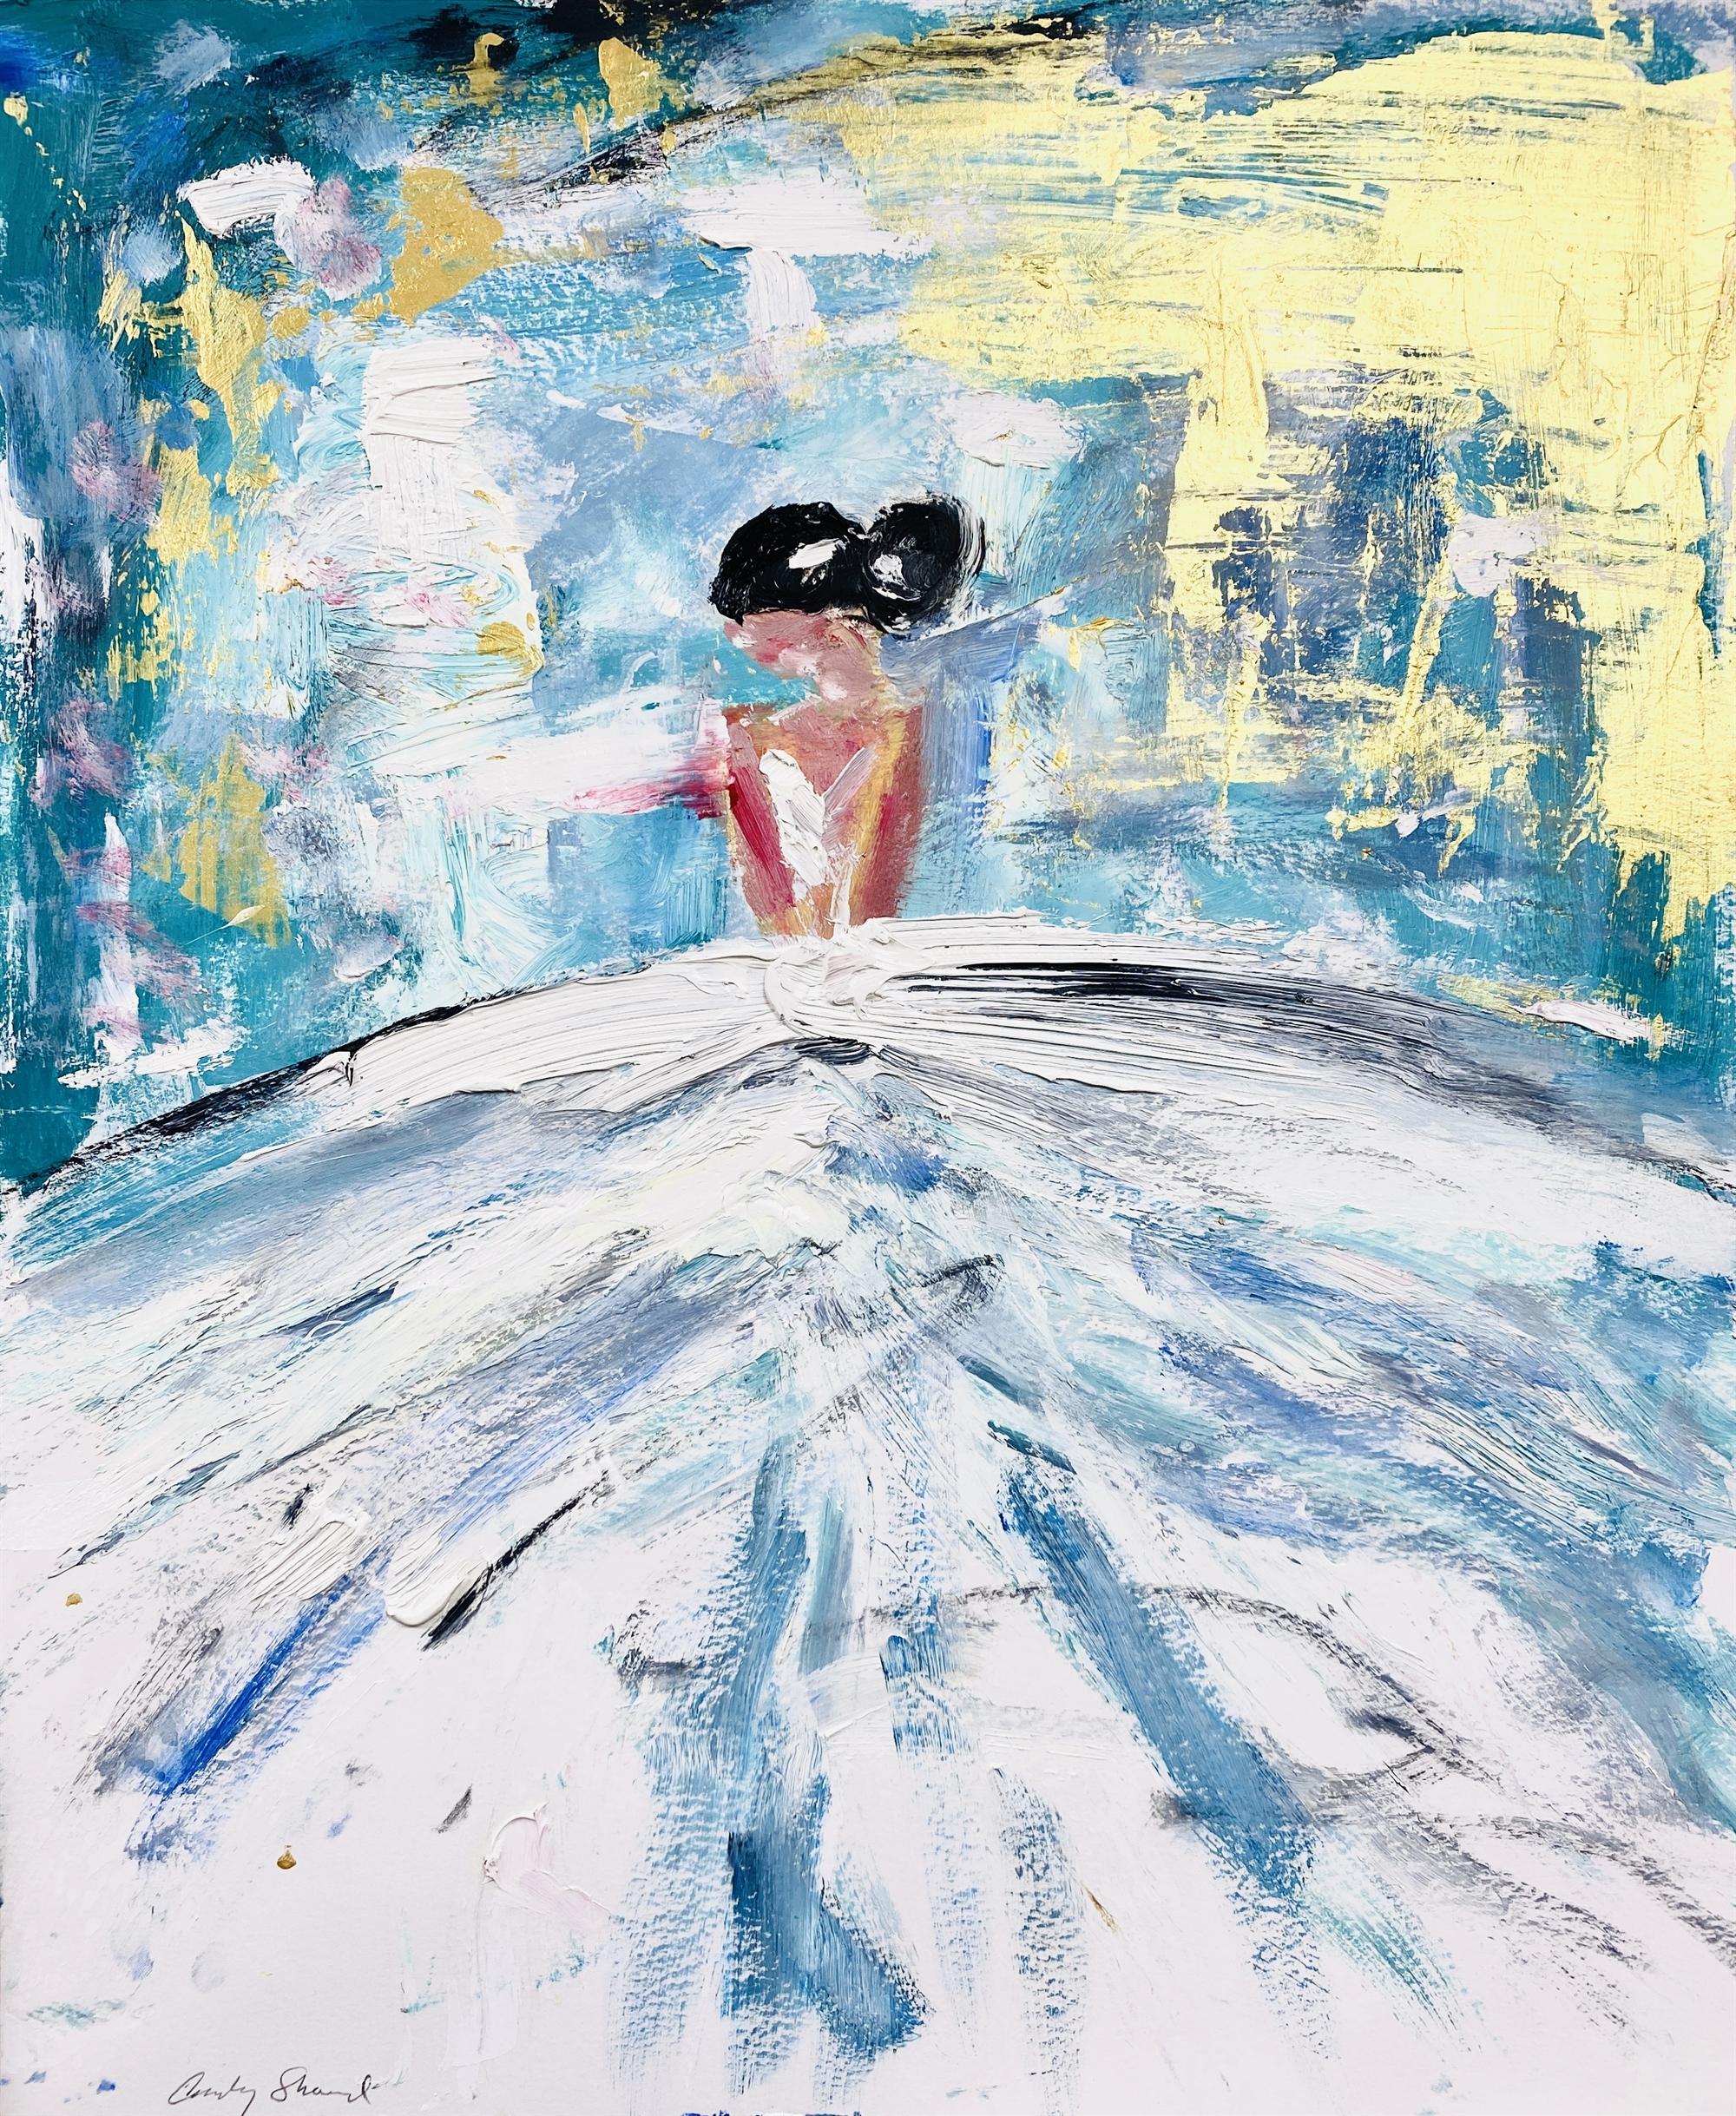 Giulianna by Cindy Shaoul